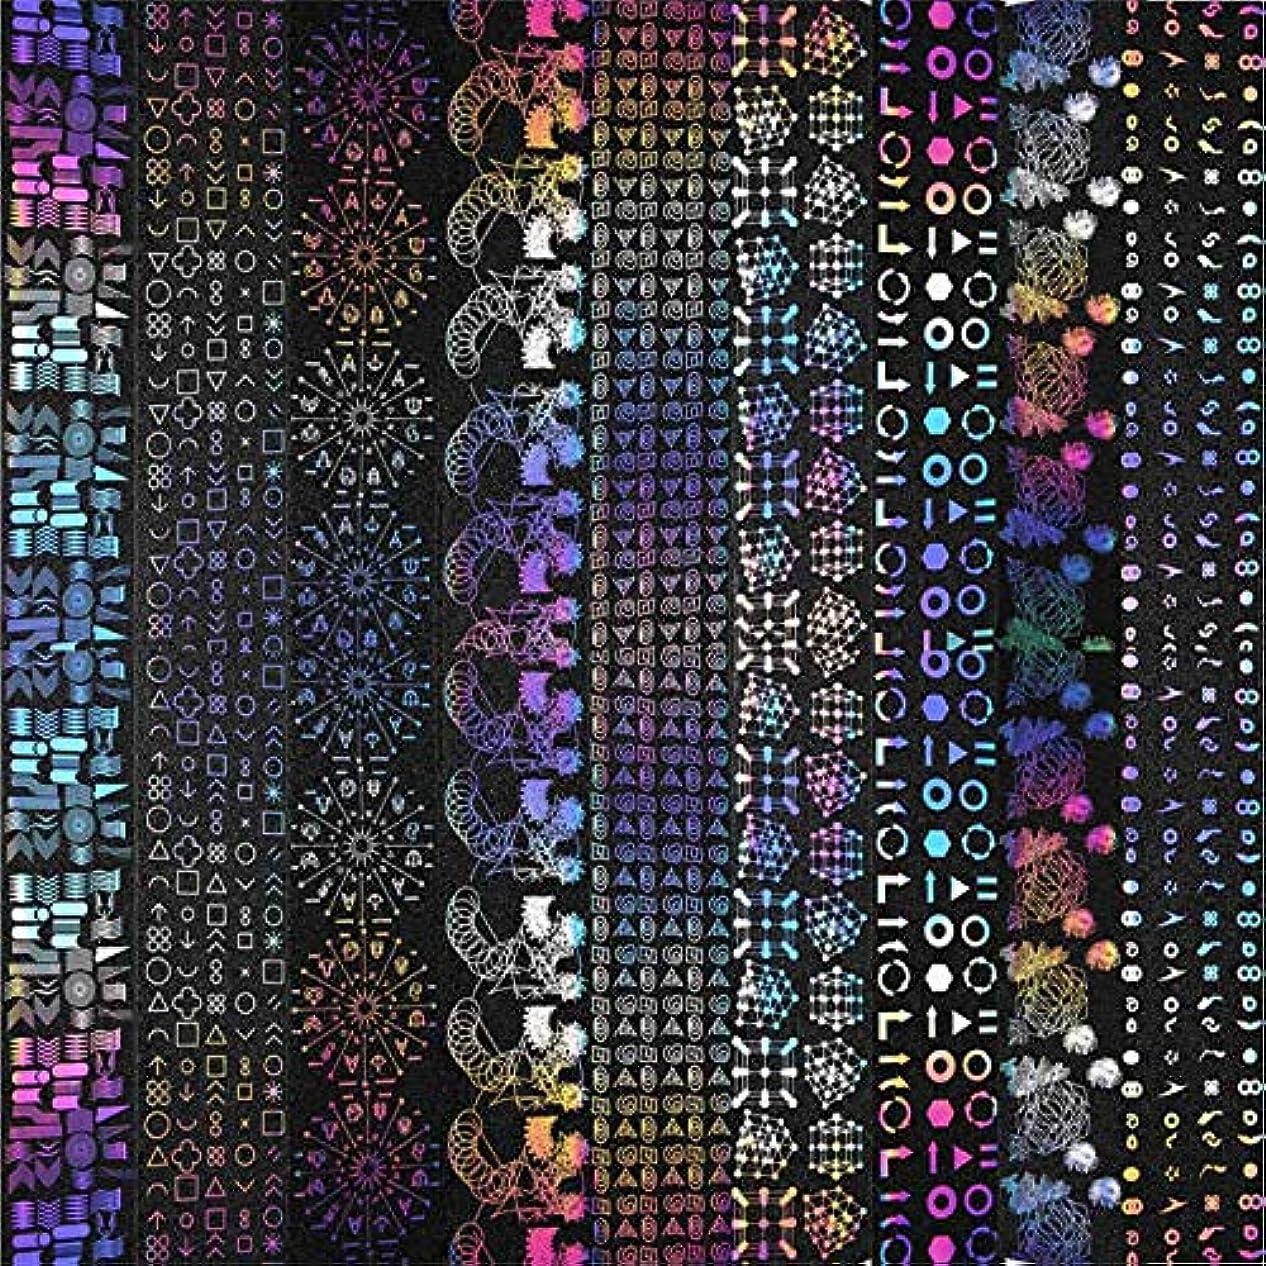 かけがえのないグリースモルヒネSUKTI&XIAO ネイルステッカー ネイルホイル星空幾何学模様ネイルアート転写ステッカーホログラフィック接着剤のヒントネイルデコレーションセット、Jq327-Jq335